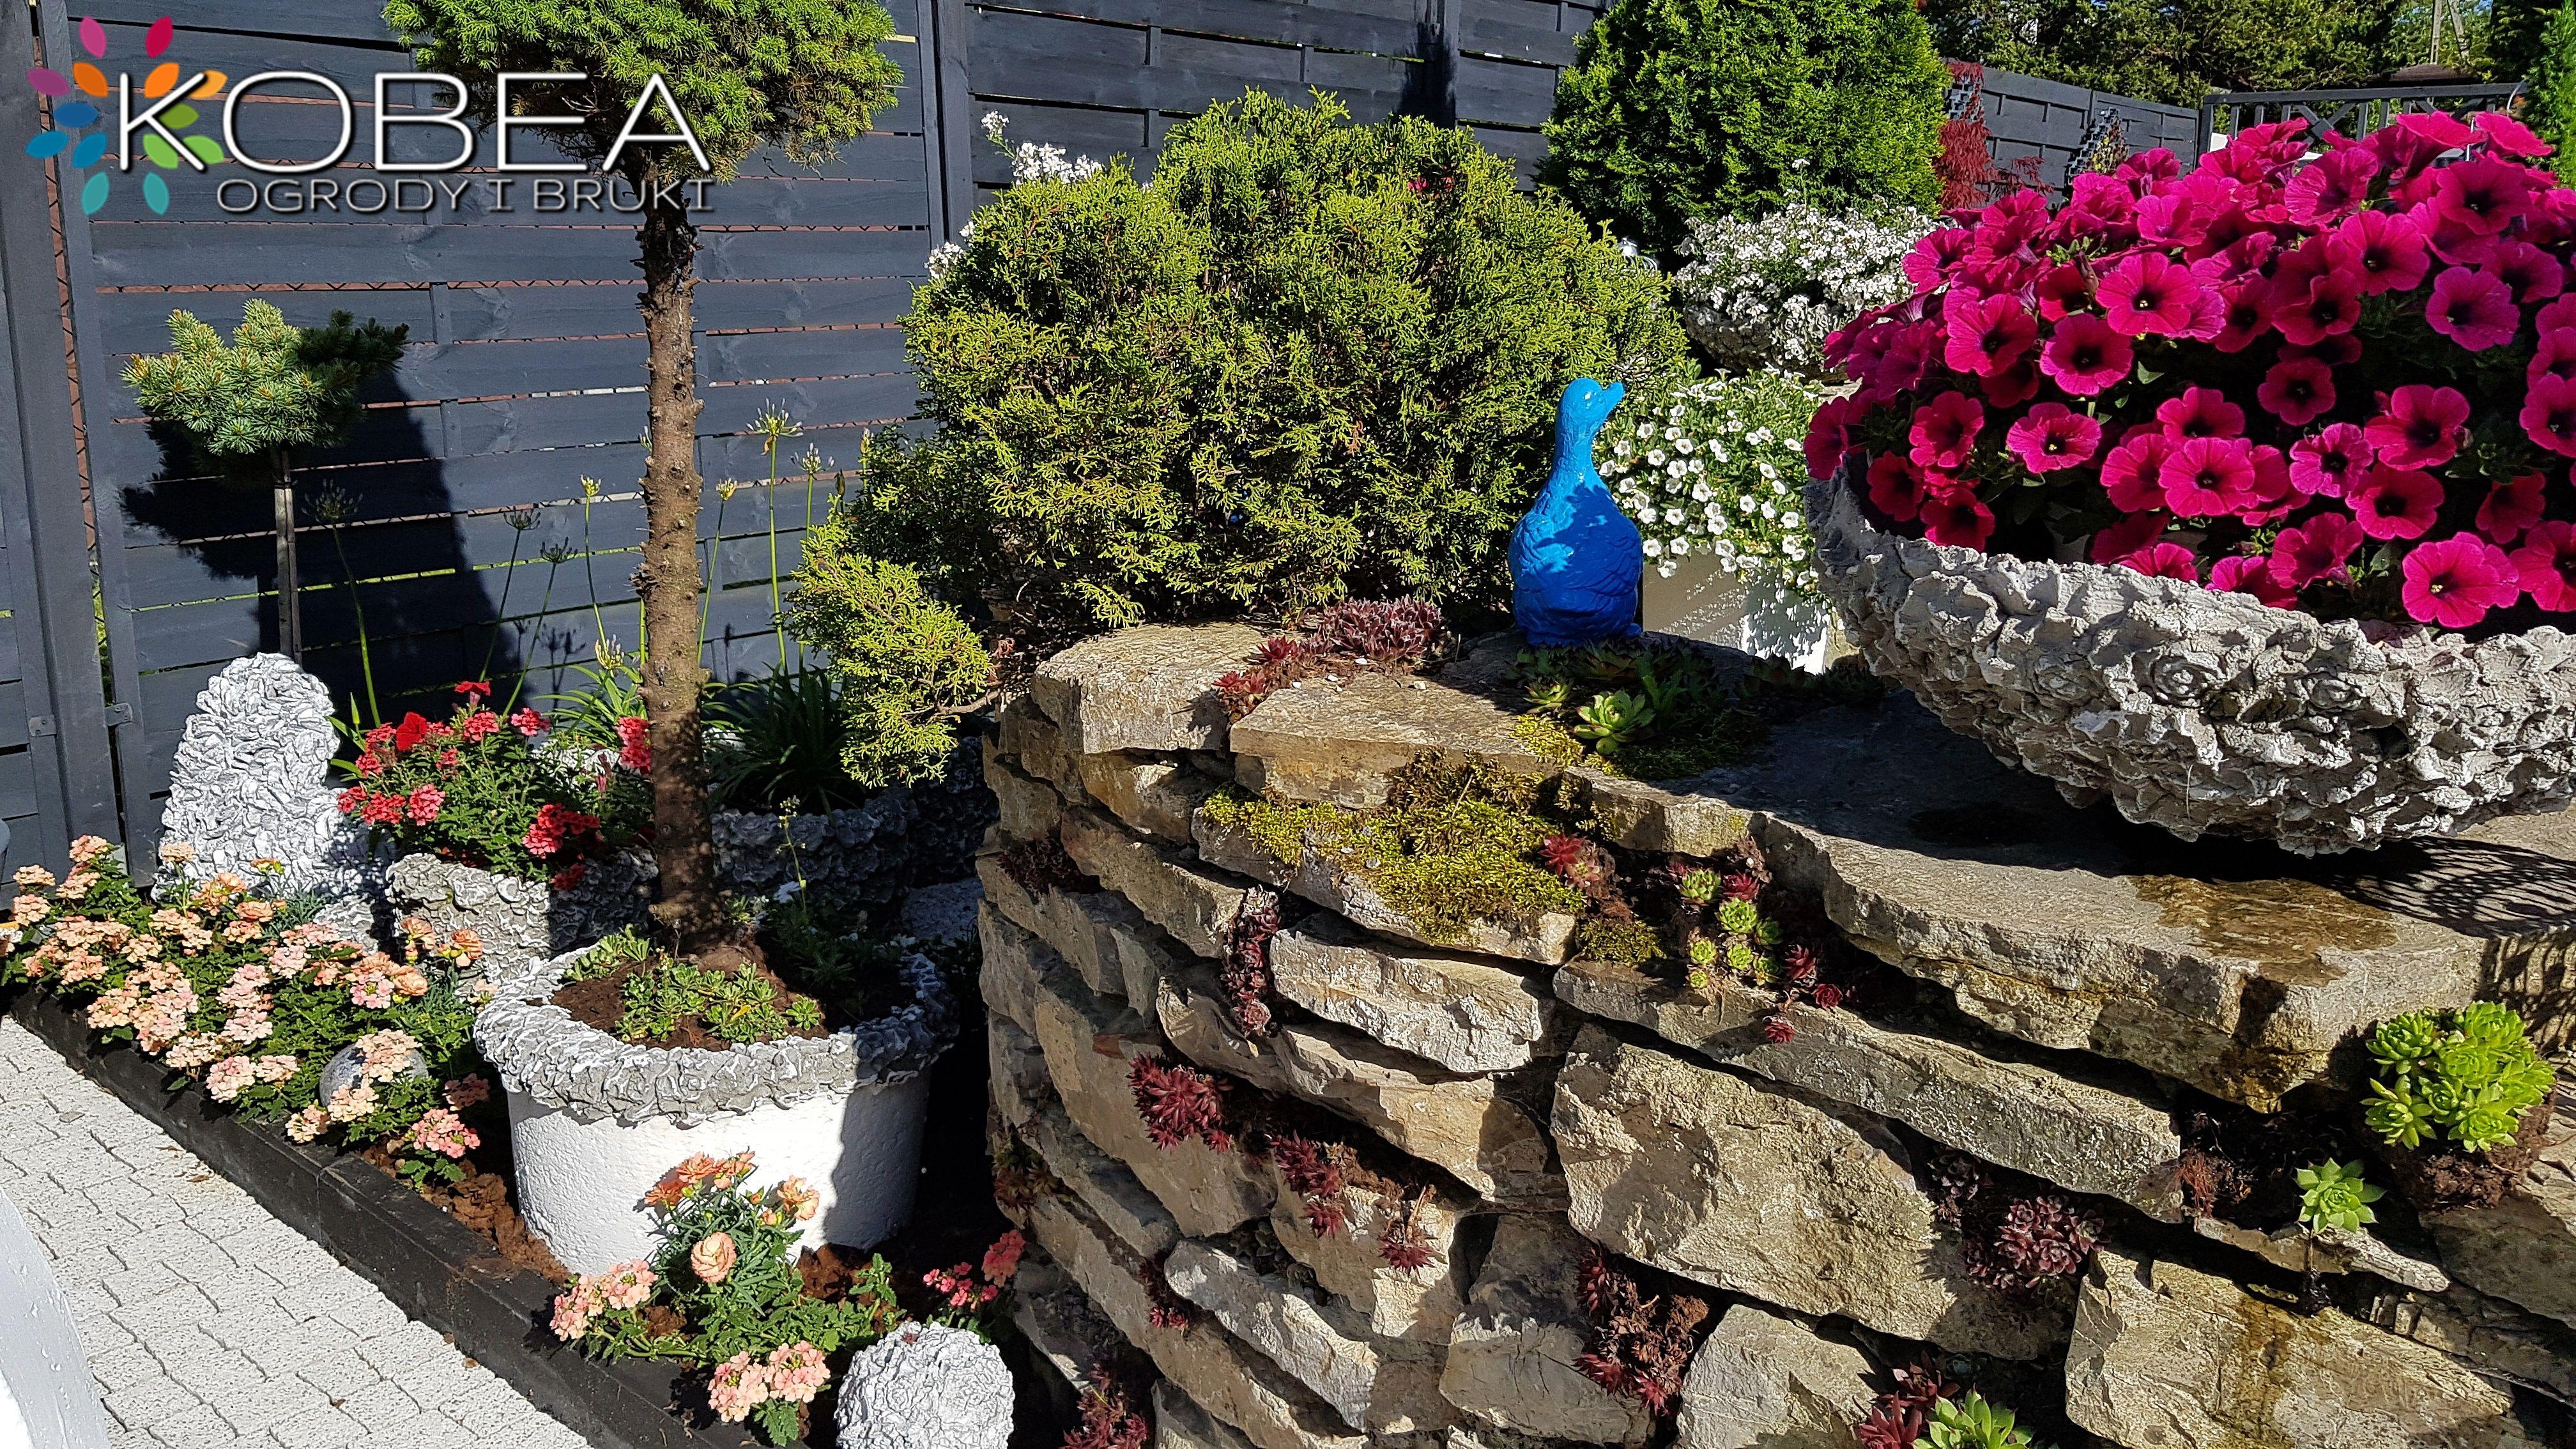 Dekoracje I Ozdoby Do Ogrodu Kobeaogrodyibruki Plants Sidewalk